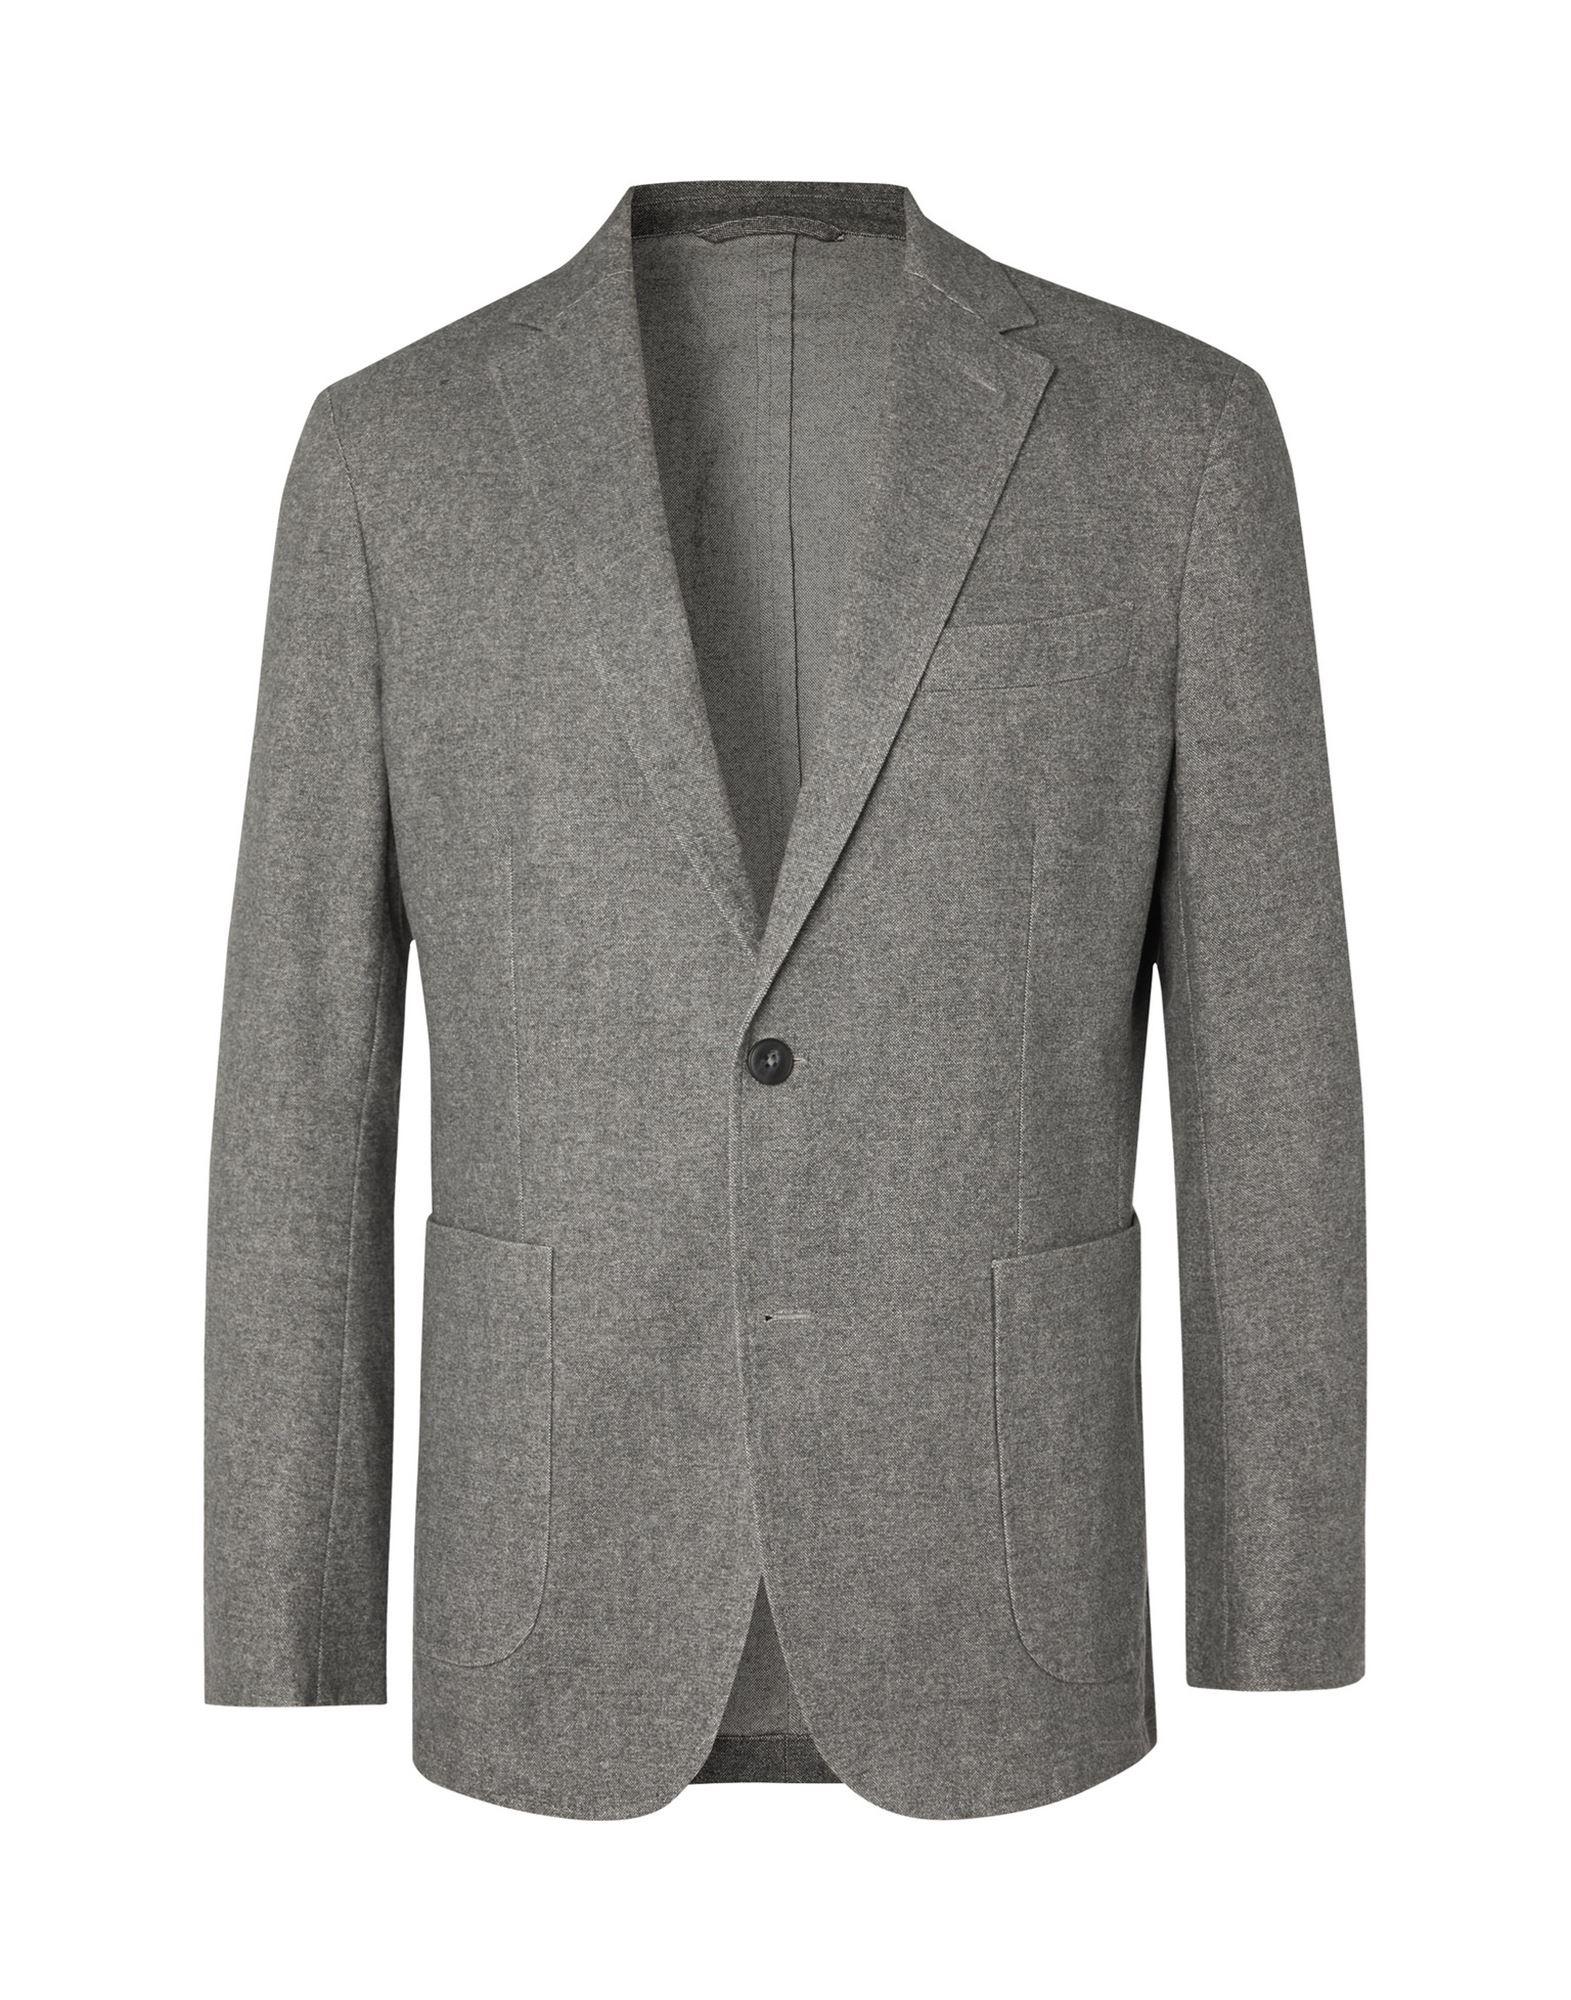 《セール開催中》NN07 メンズ テーラードジャケット グレー XL コットン 58% / ポリエステル 27% / レーヨン 14% / ポリウレタン 1%